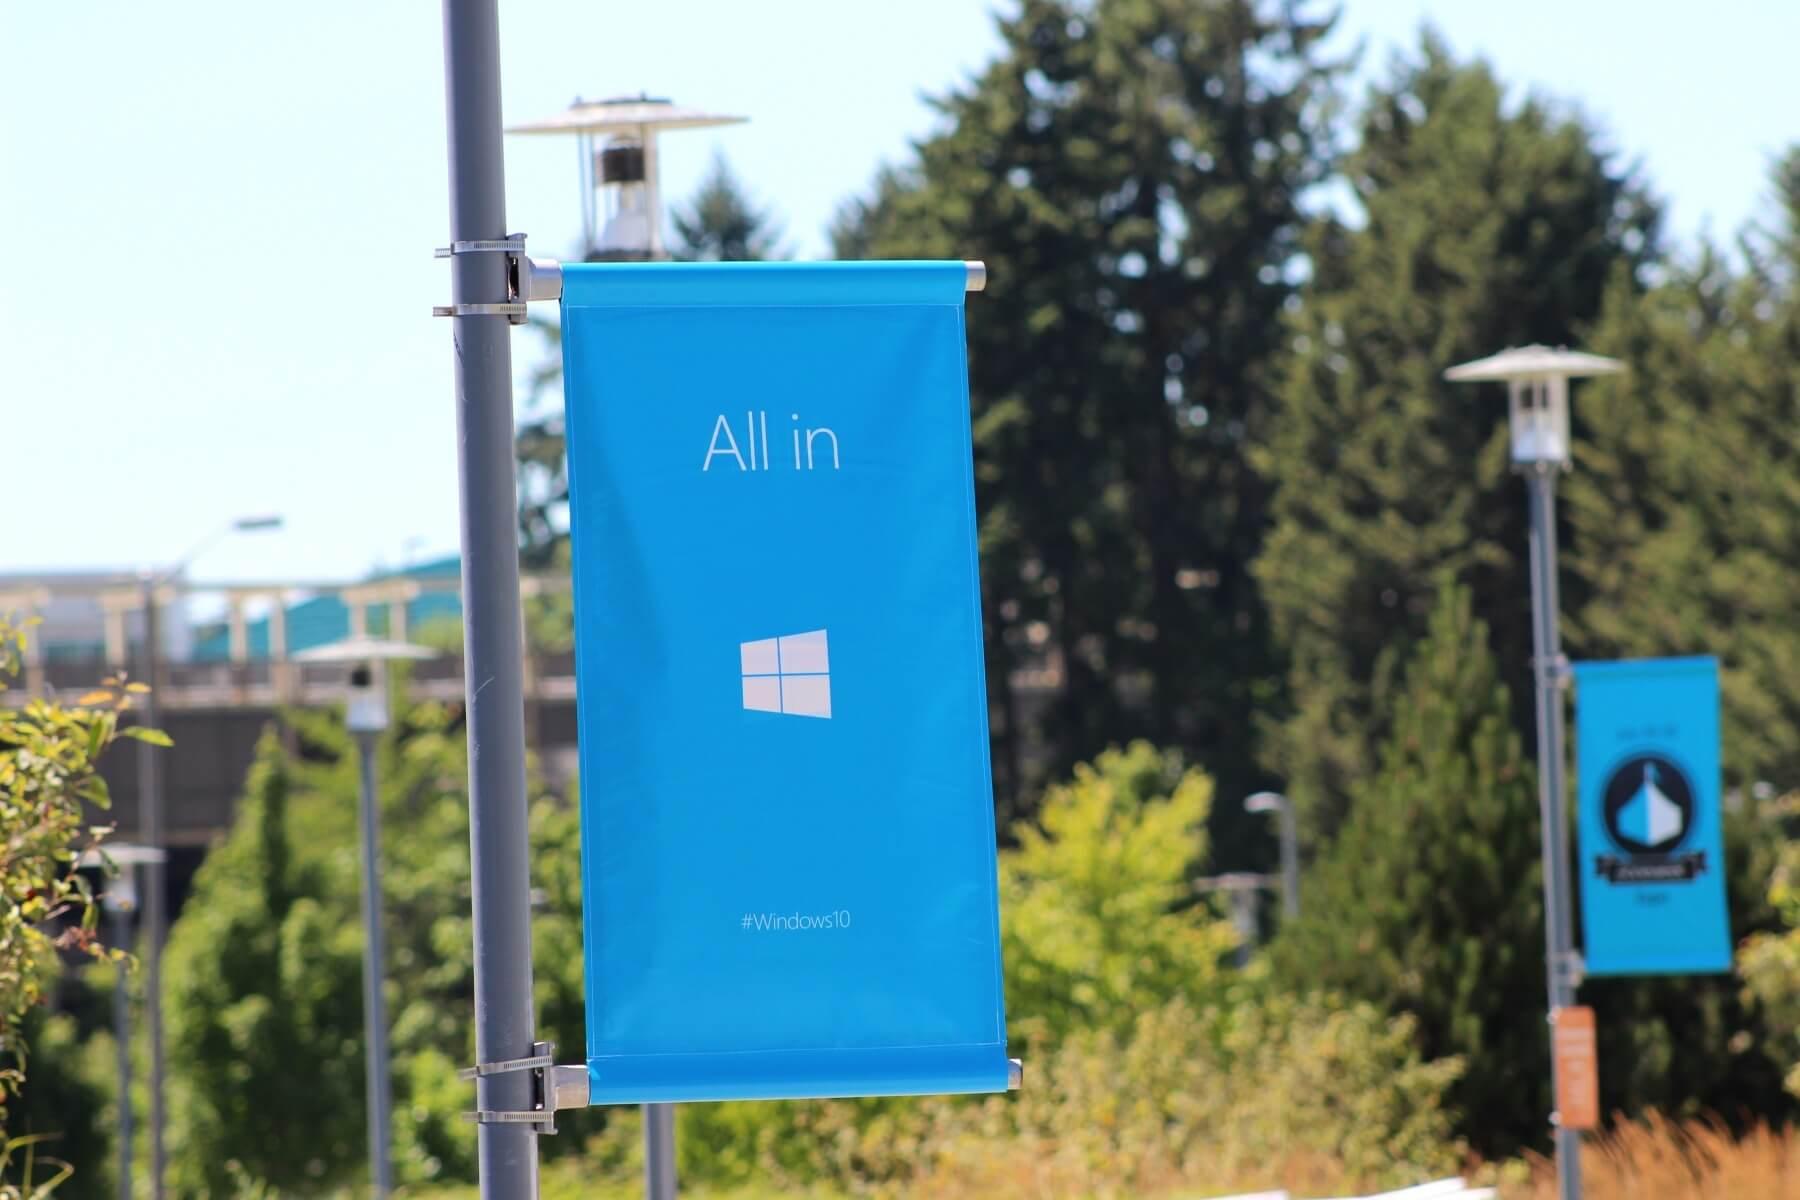 10 Tage bis Windows 10: Microsoft sieht blau, startet Werbekampagne